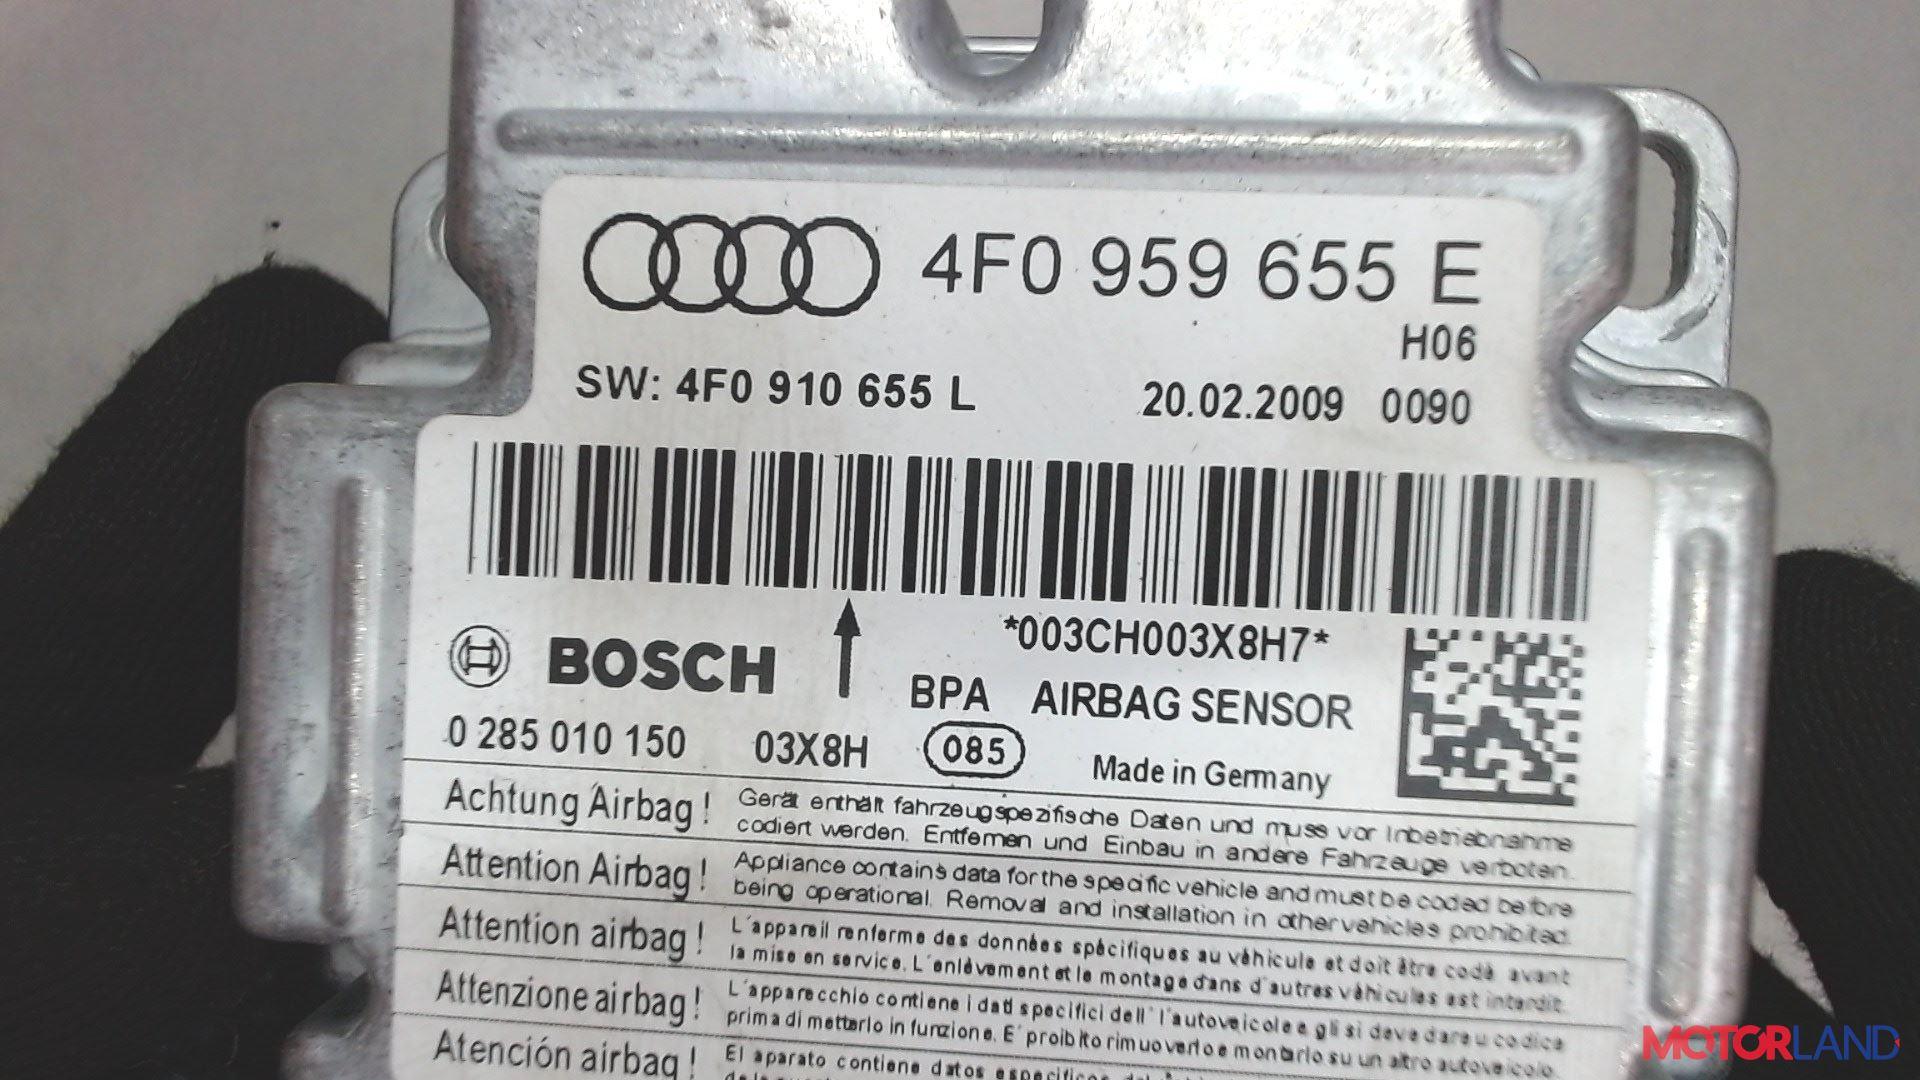 Блок управления (ЭБУ) Audi A6 (C6) 2005-2011 2 л. 2009 CAGB б/у #4